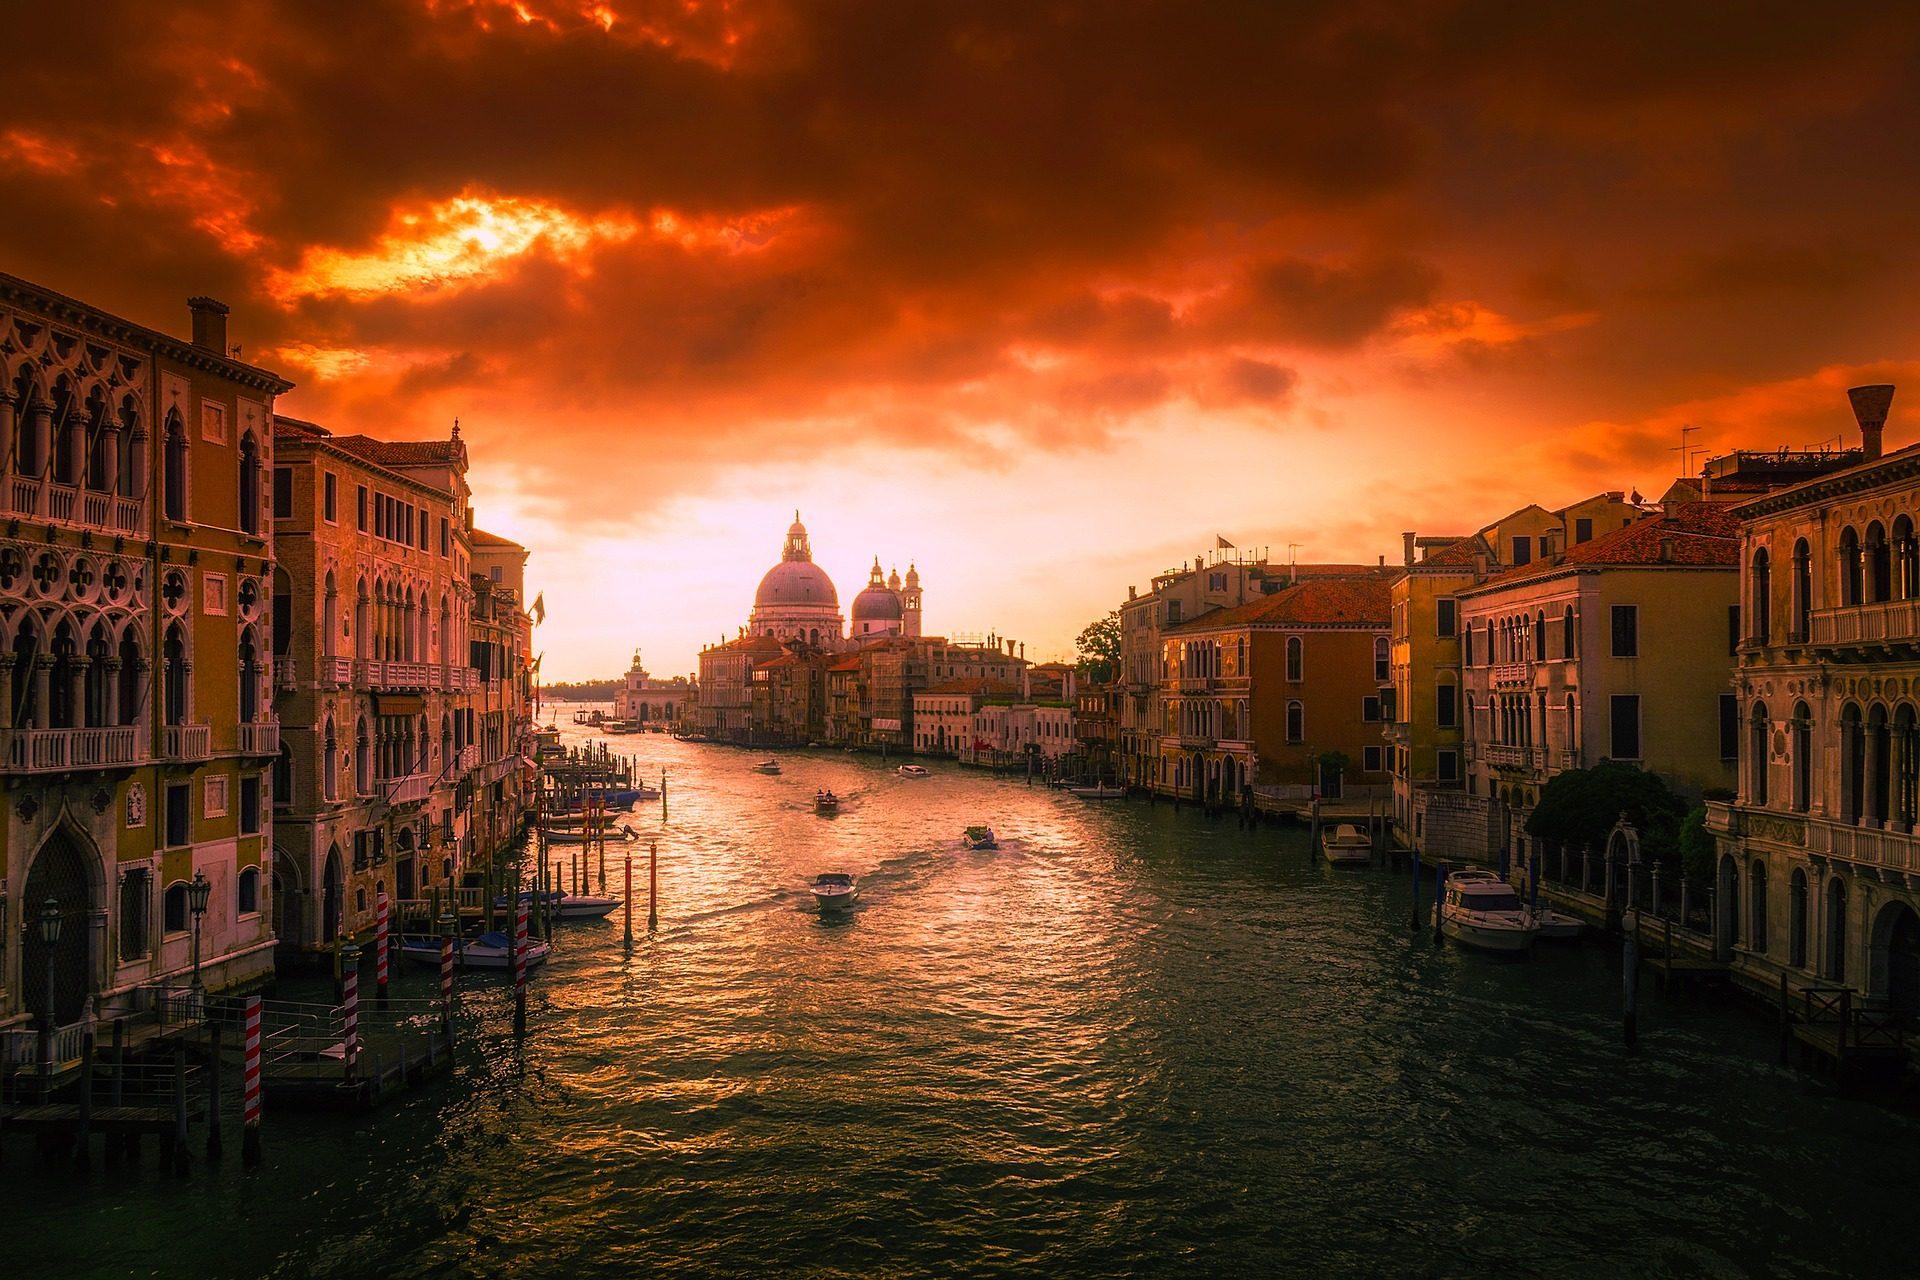 Cidade, canal, edifícios, Barcos, Veneza, nublado - Papéis de parede HD - Professor-falken.com